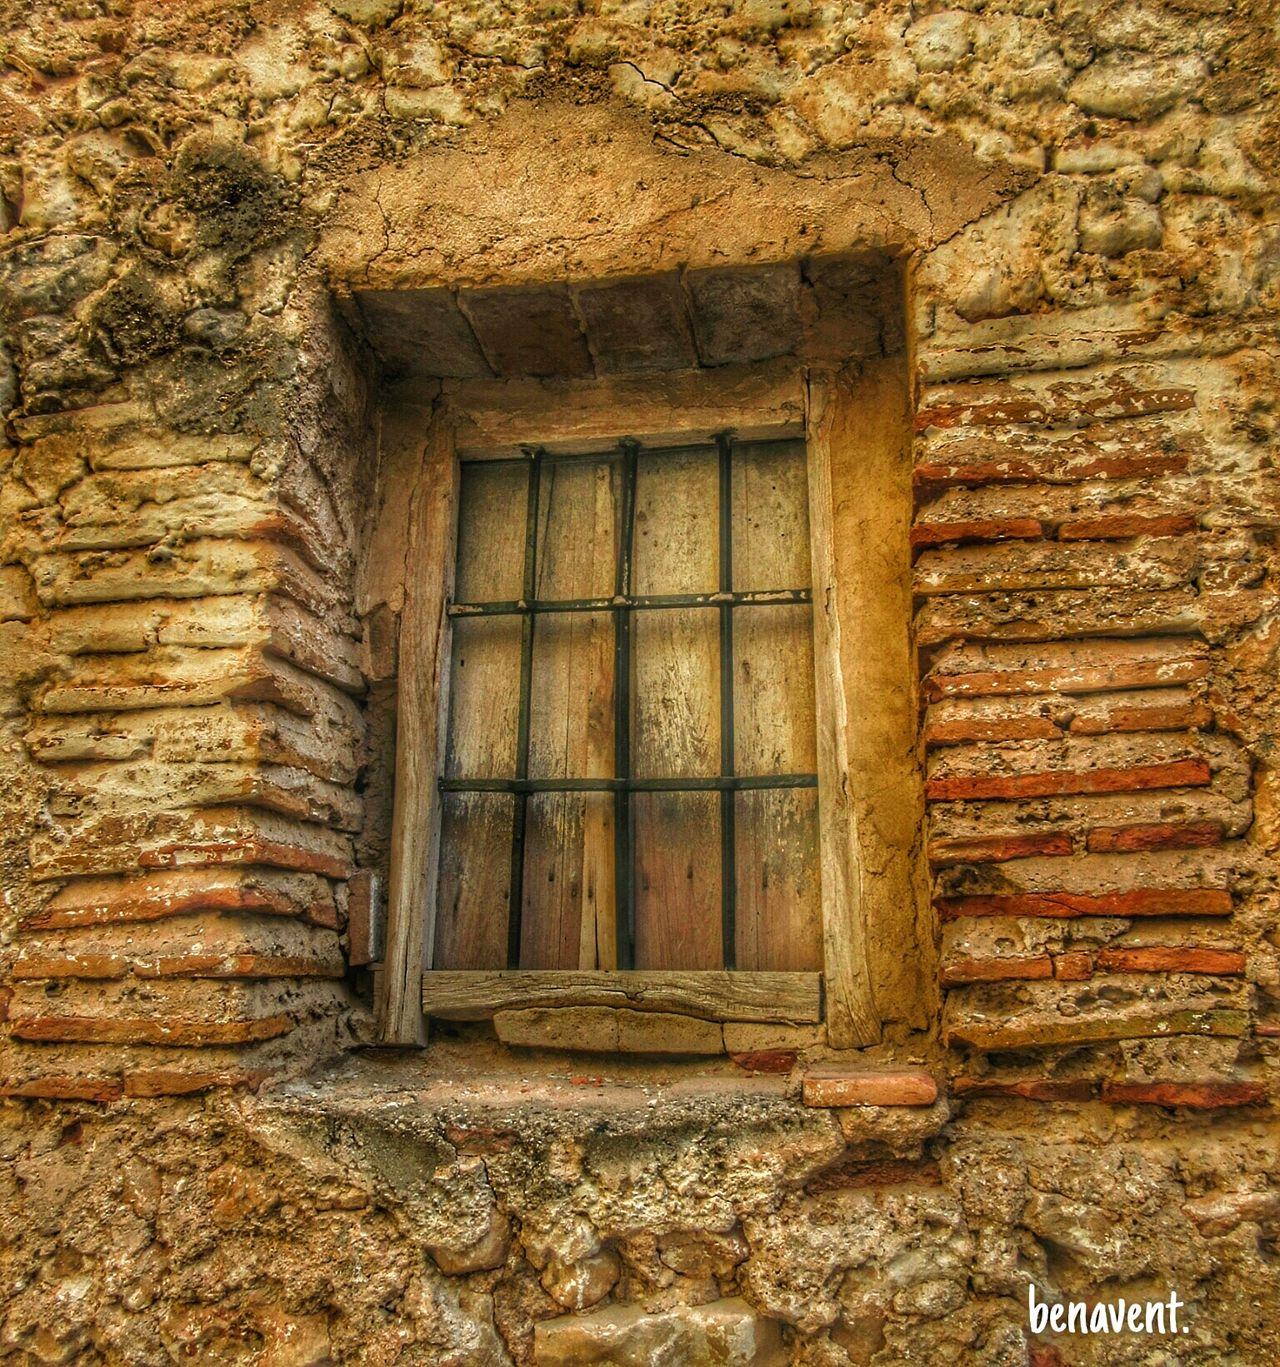 Finestra Callejeando Finestres Ventana Puertas Y Ventanas País De L'olivera Villalonga La Safor Window Ventanas